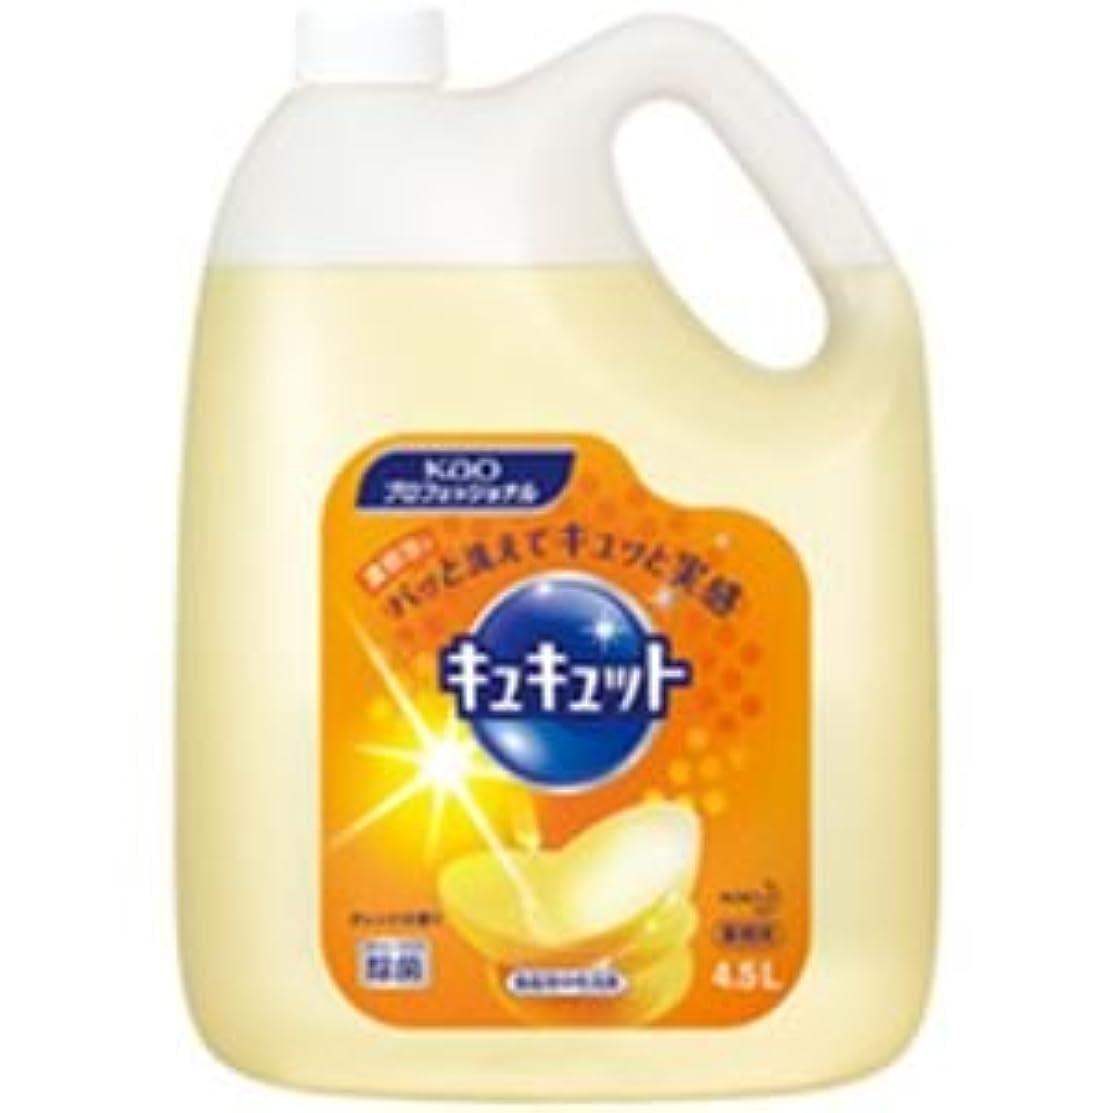 おじさん成熟アロングキュキュット オレンジ 詰替え 4500ml ds-1259832